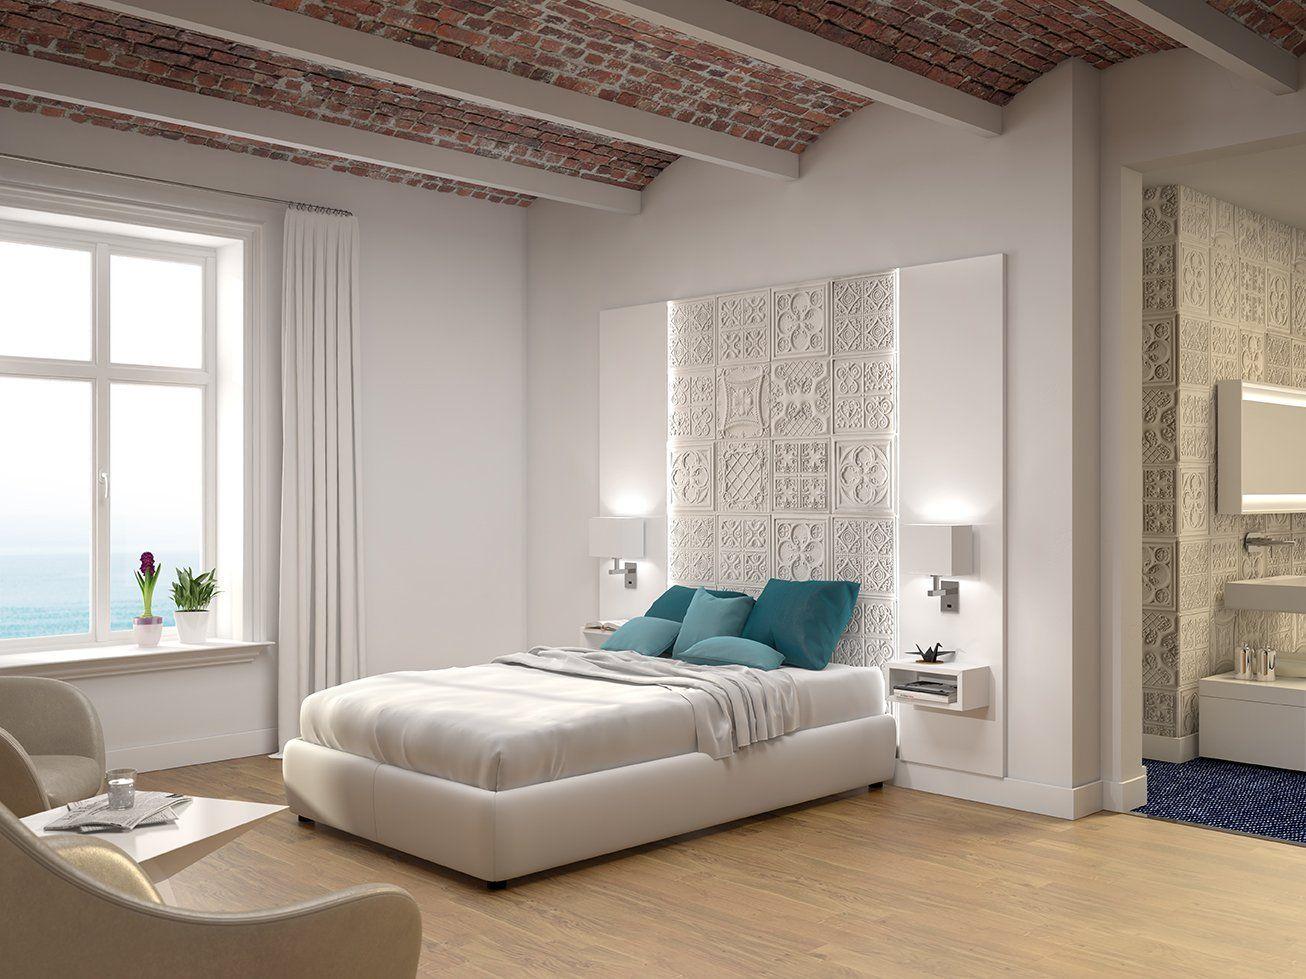 Versalles In 2020 Mit Bildern Deckenverkleidung Wandverkleidung Haus